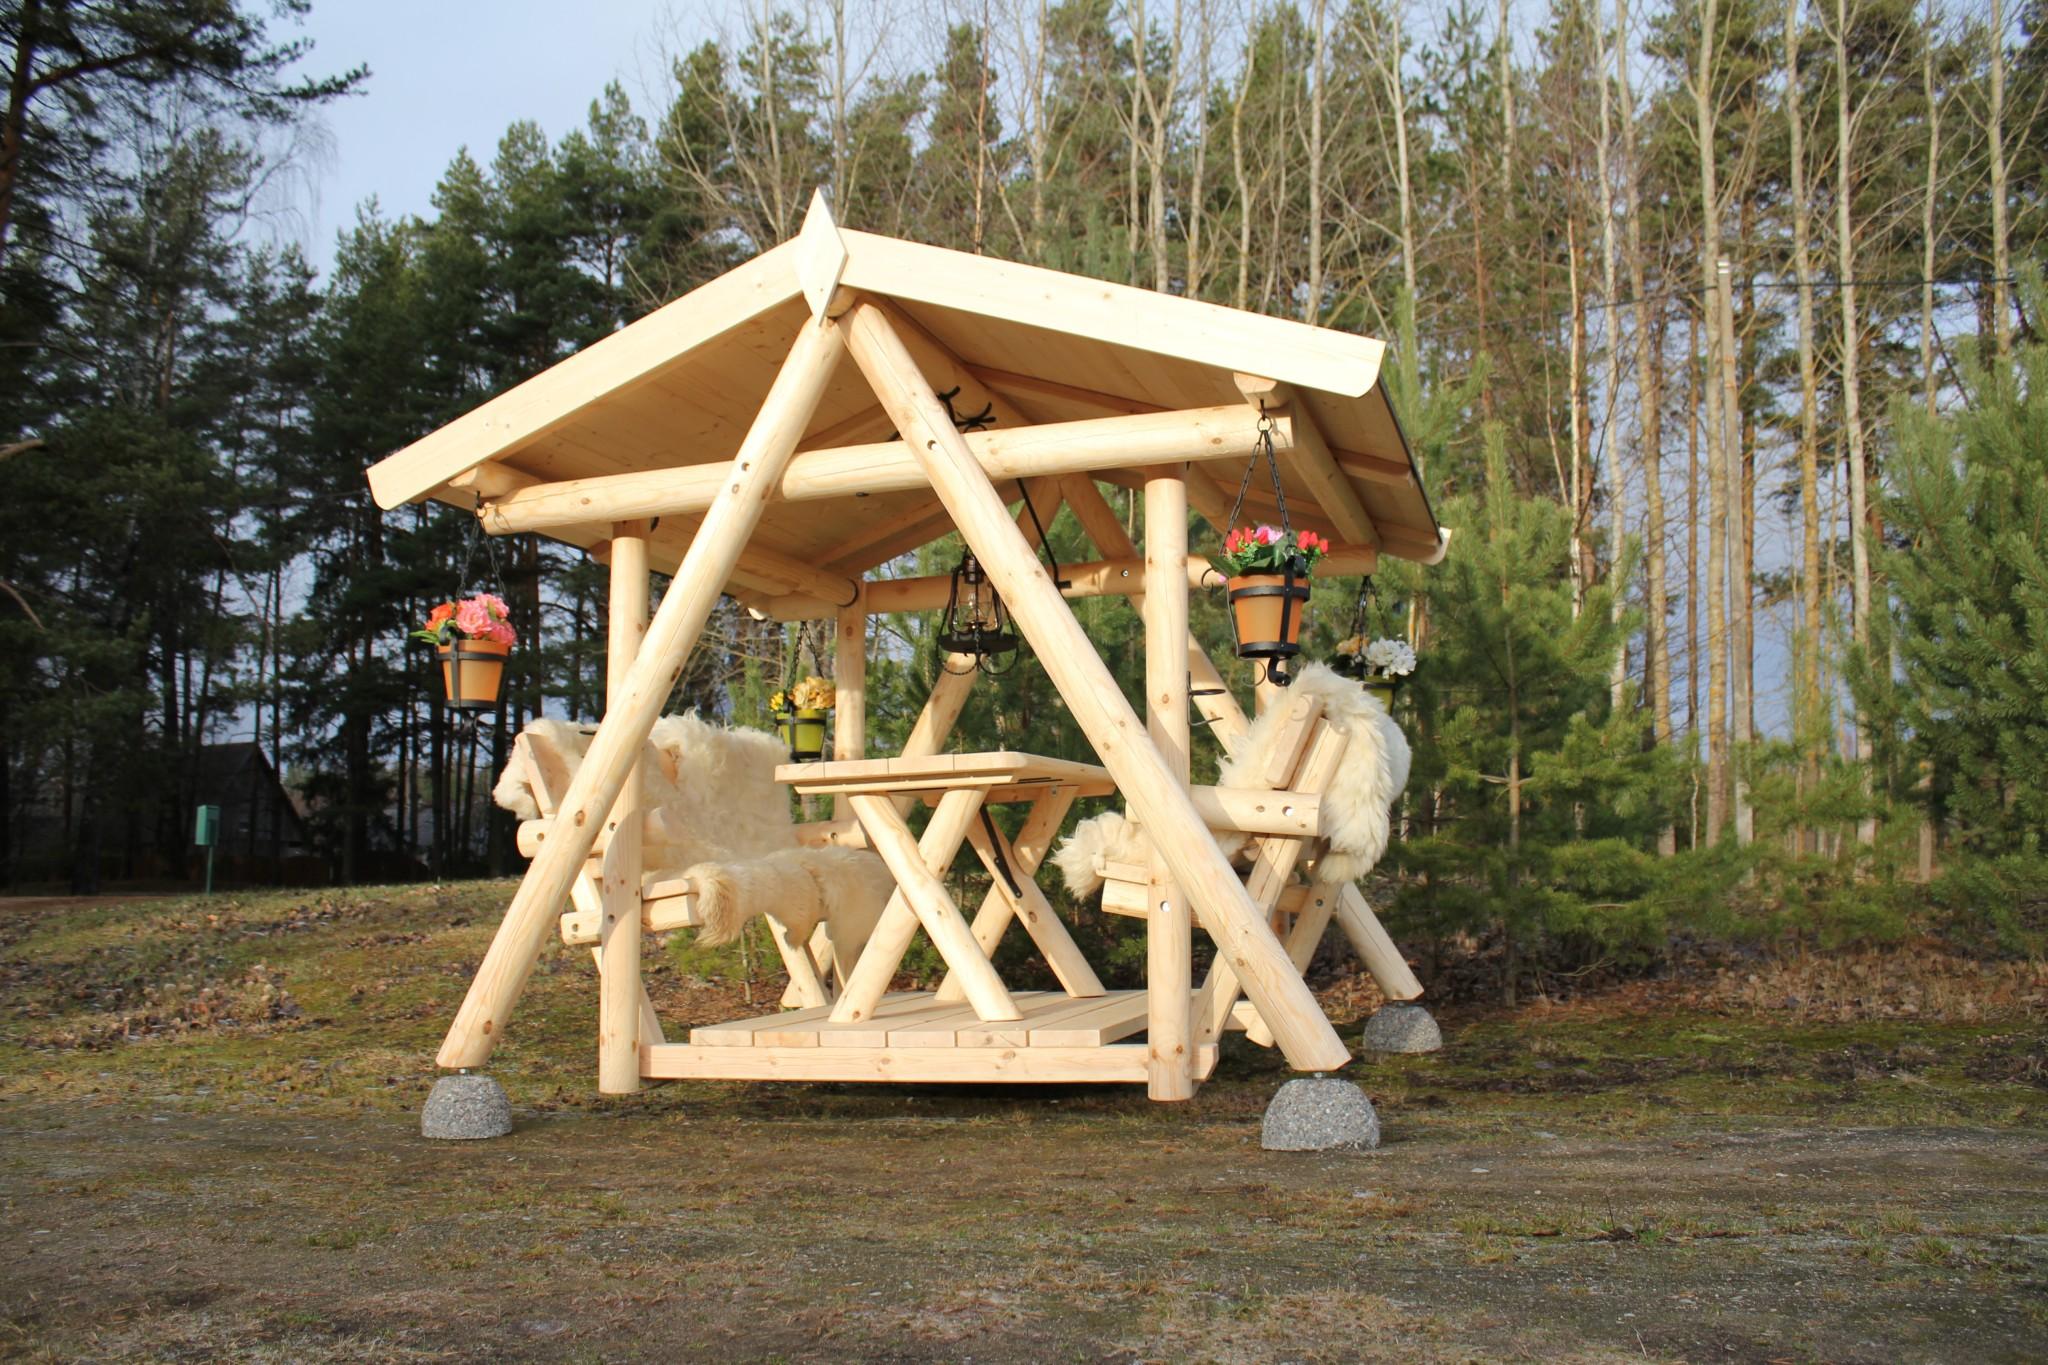 Full Size of Gartenschaukel Erwachsene Grillschaukel Pavillon Massiv Finnwerk Wohnzimmer Gartenschaukel Erwachsene